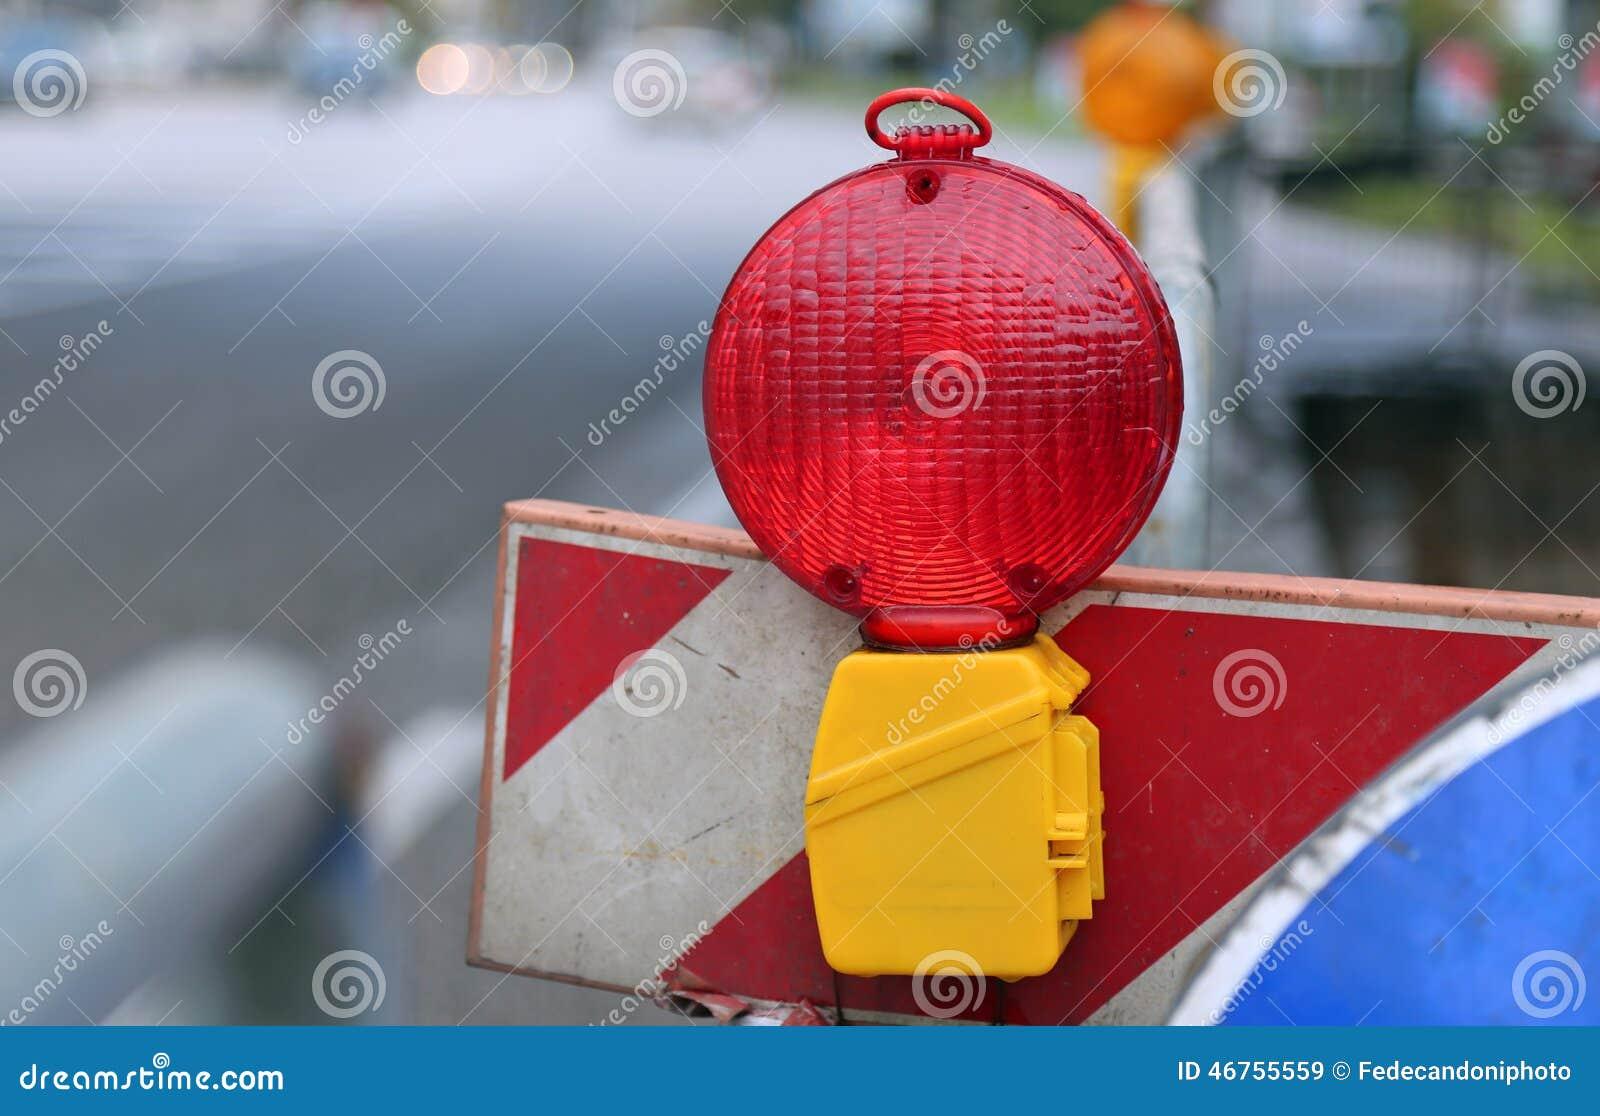 Gul Och Röd Lampa I Roadworks I Staden Arkivfoto Bild av